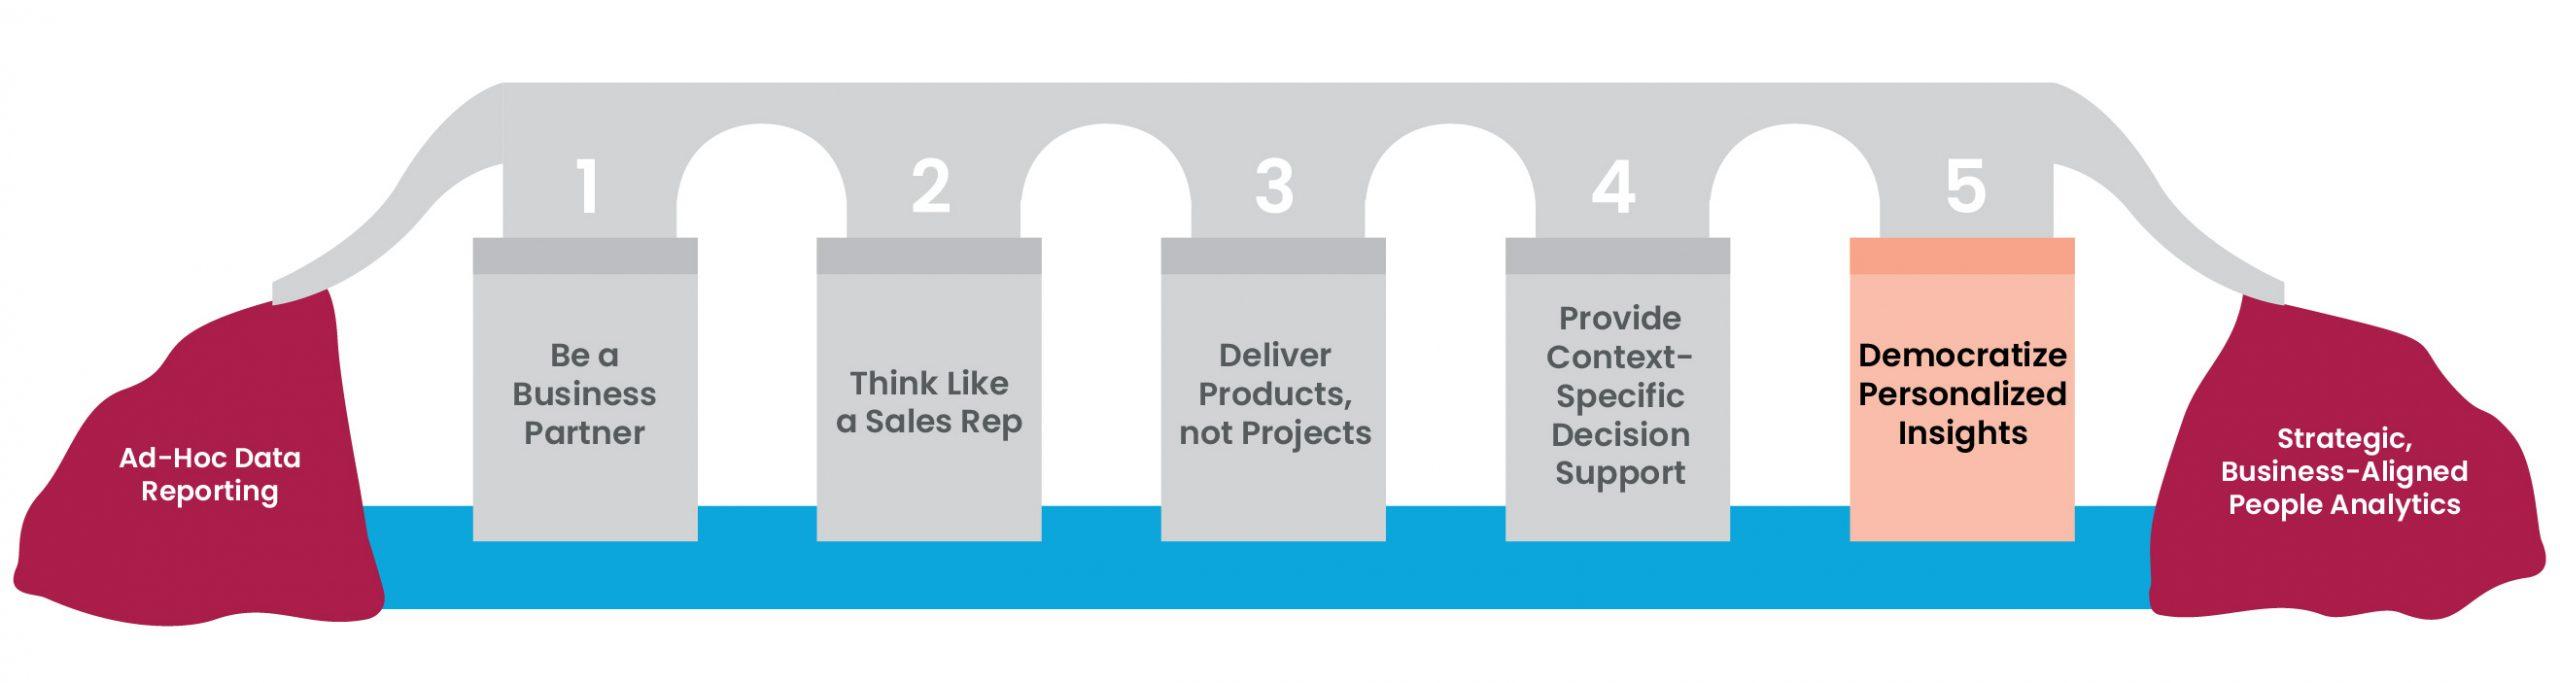 5 pillars figure 8